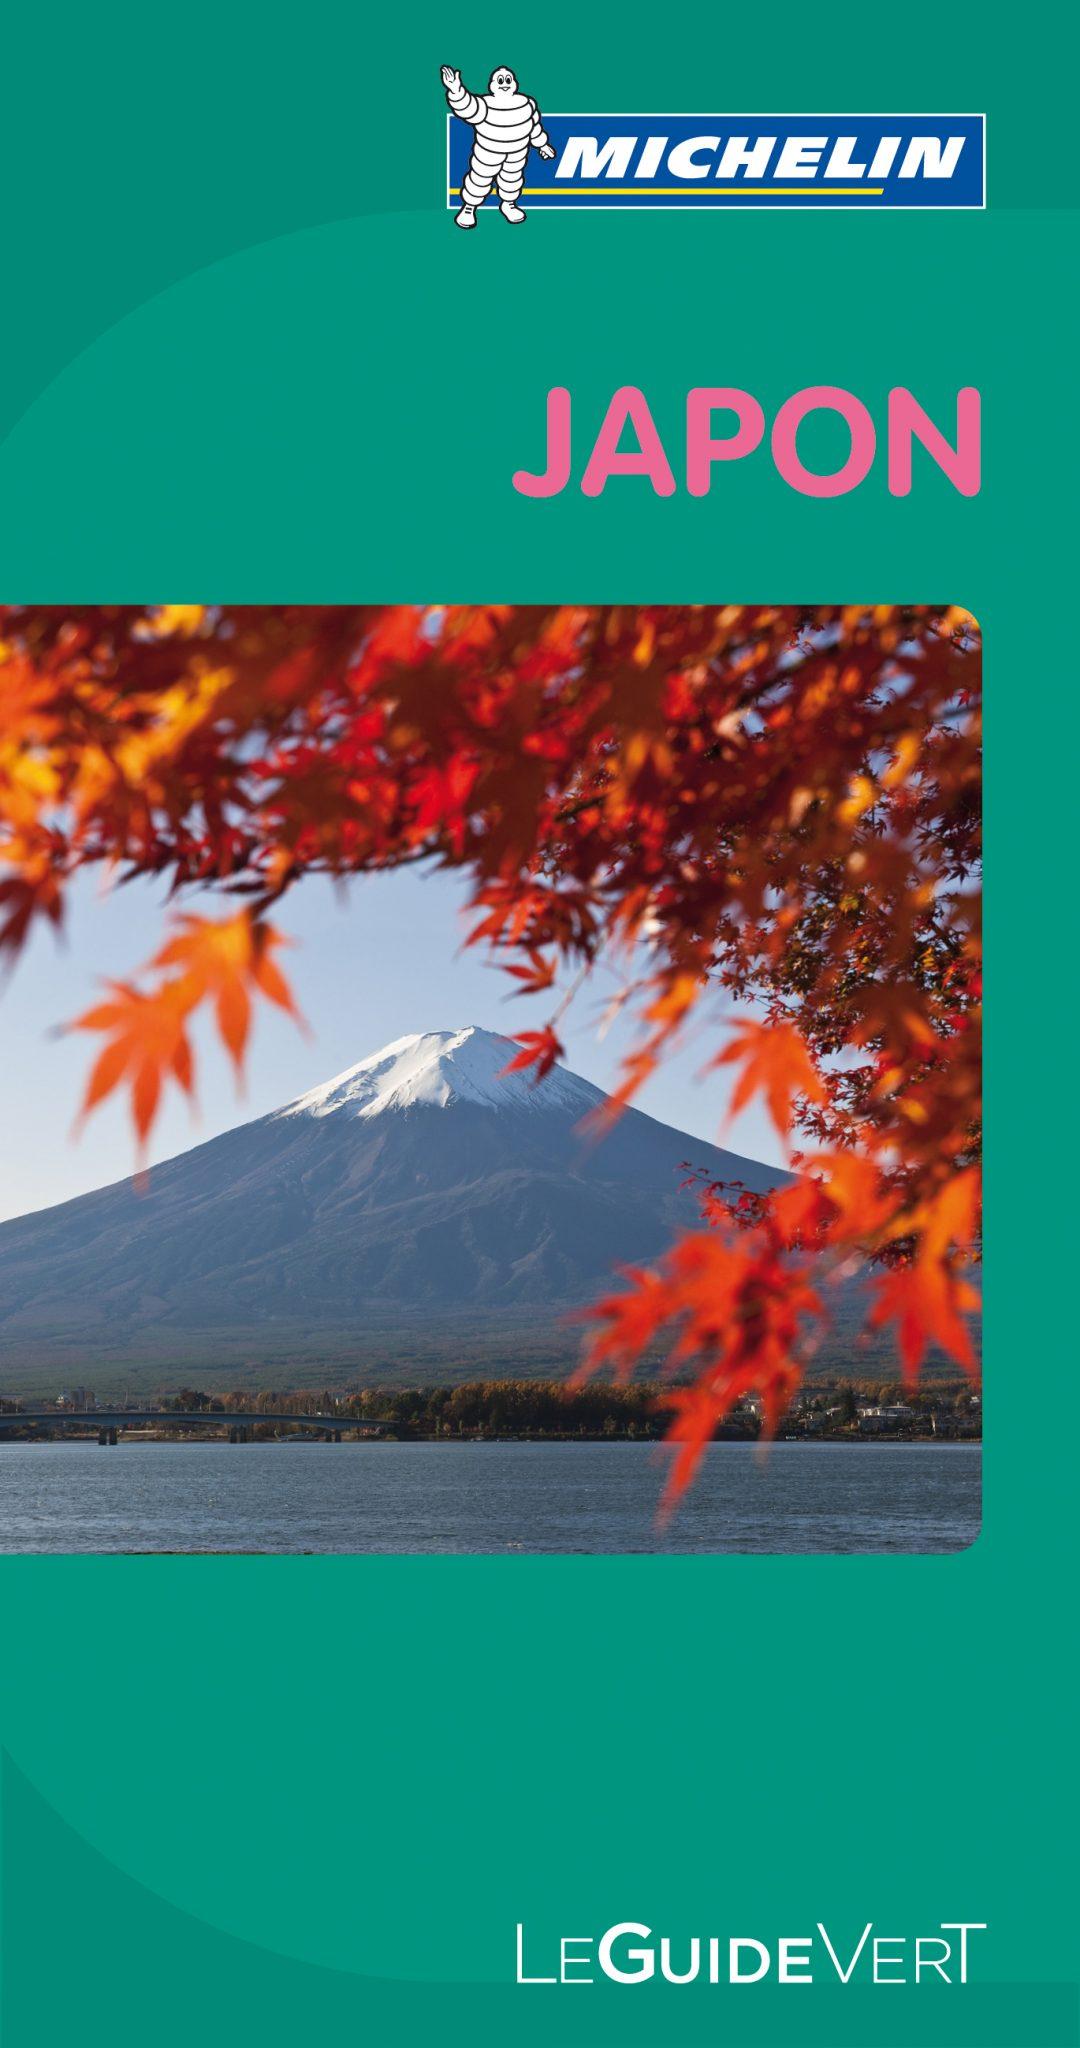 ガイドブック:ミシュラン・グリーンガイド・ジャポン改訂第2版